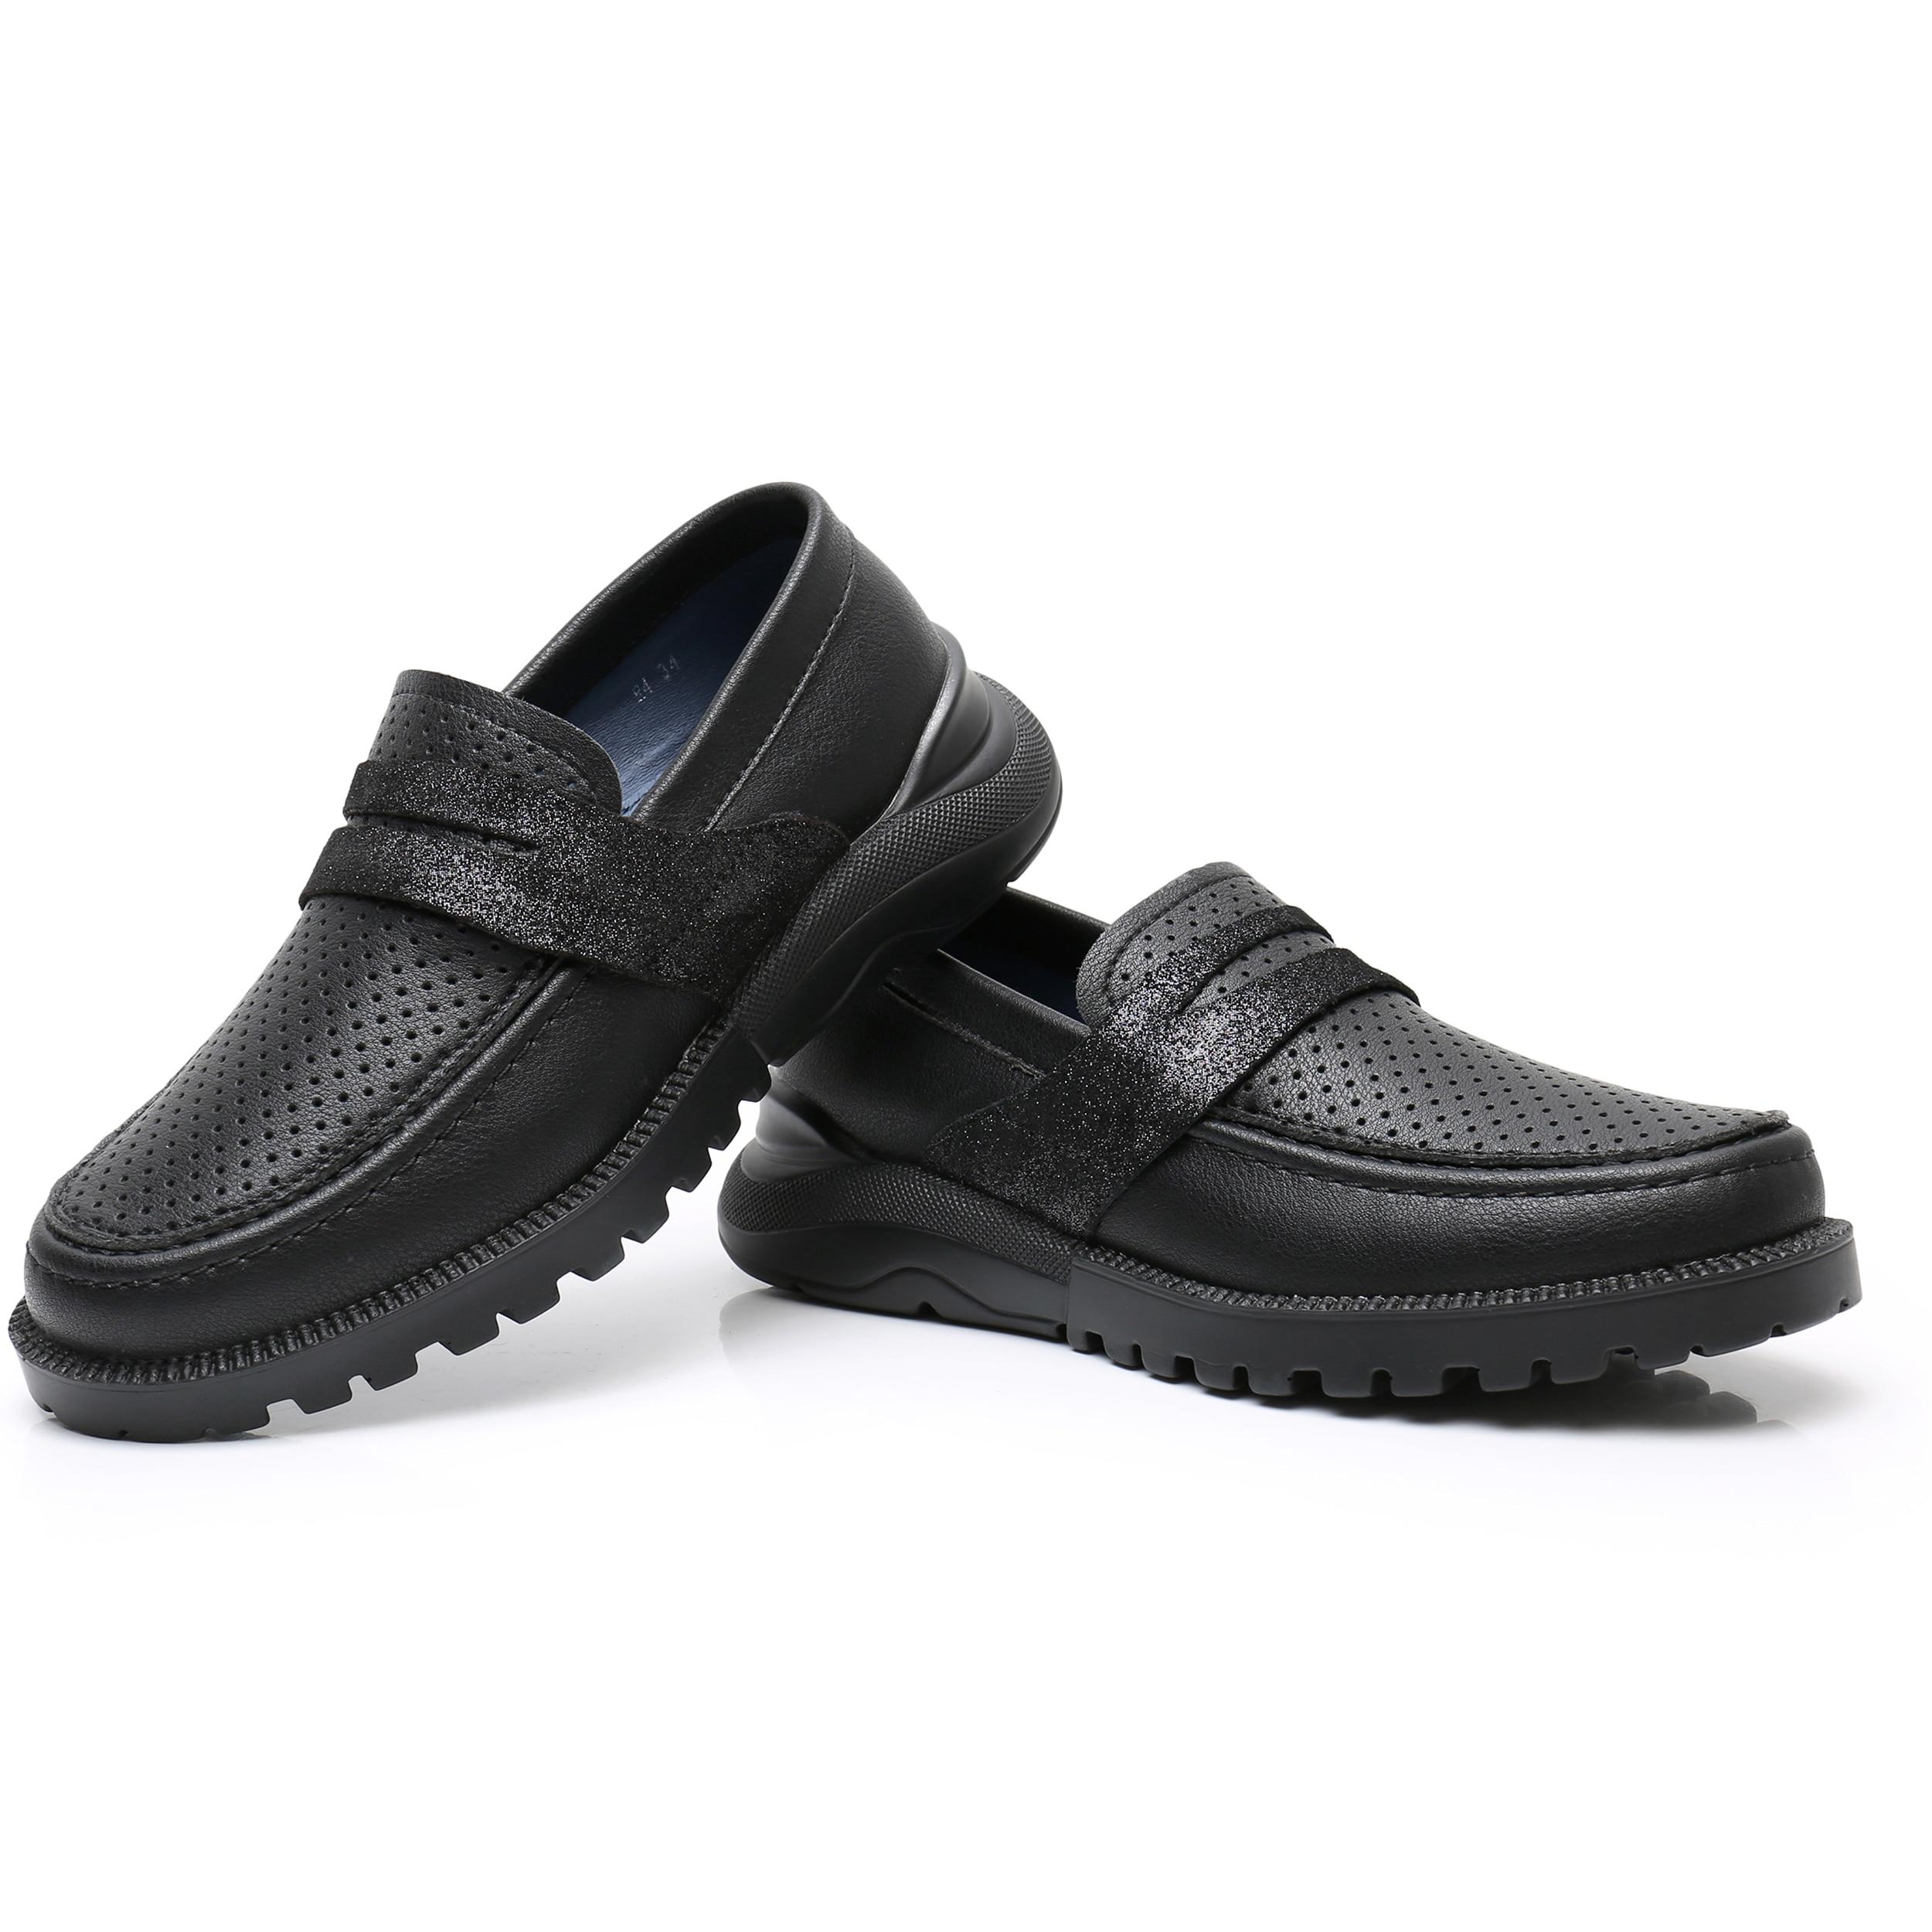 em estilo plano sapatos de casamento preto